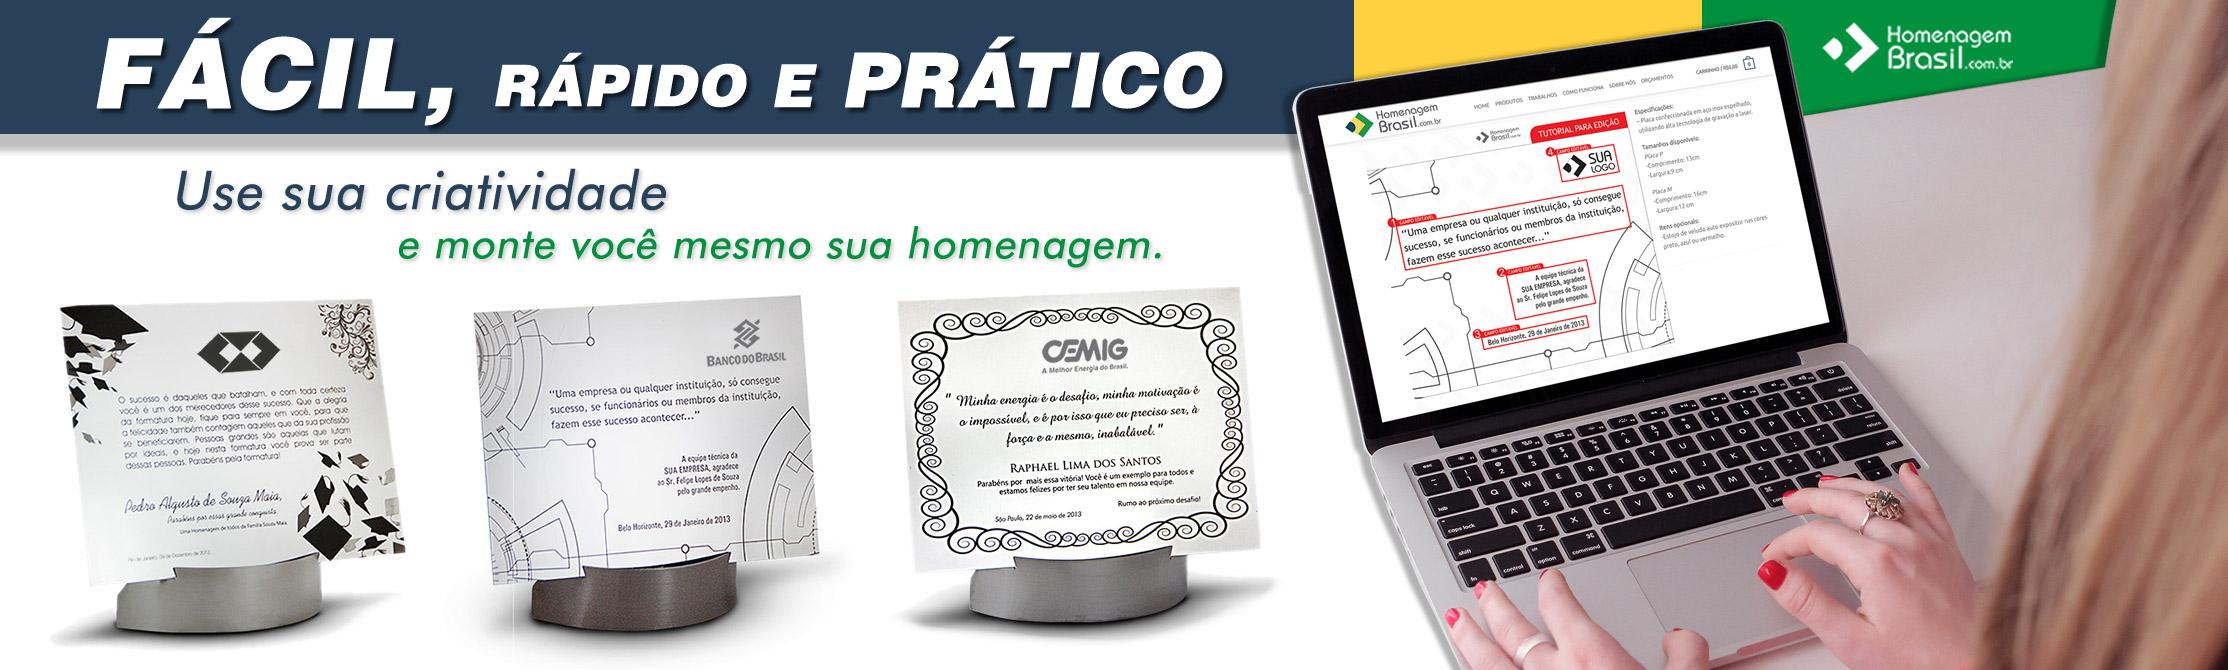 Homenagem-Brasil1